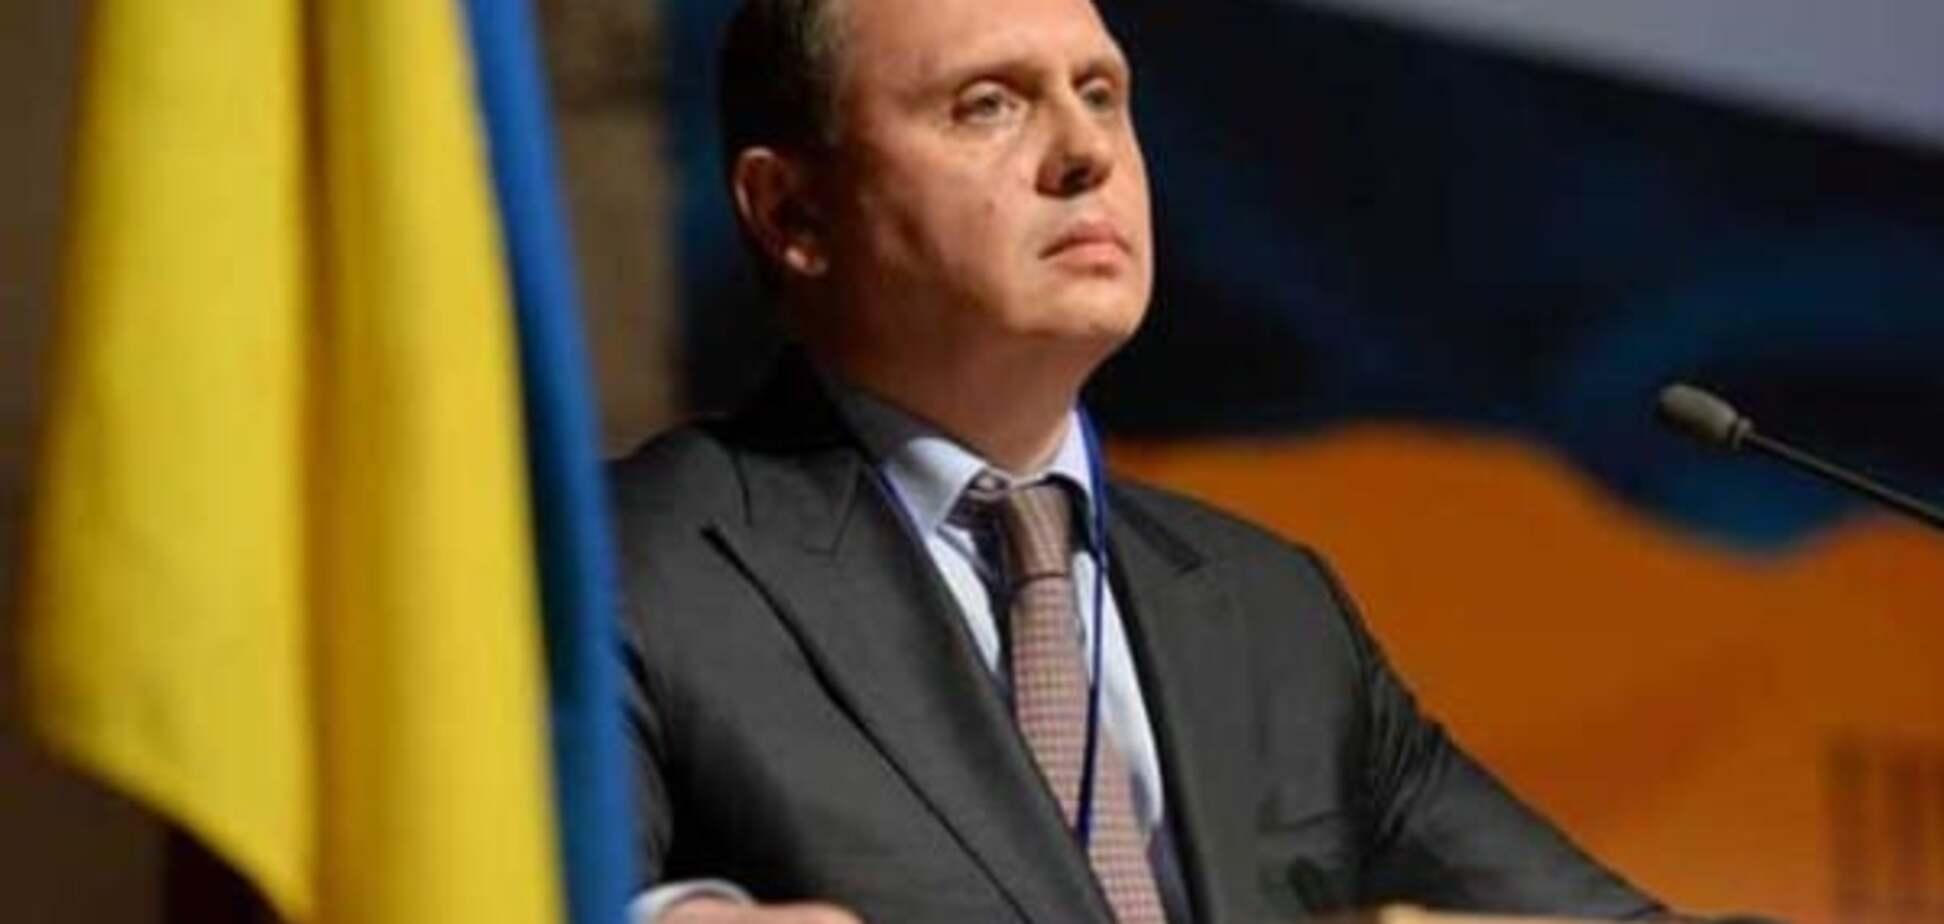 Вища рада юстиції не усунула обвинуваченого в корупції Гречковського